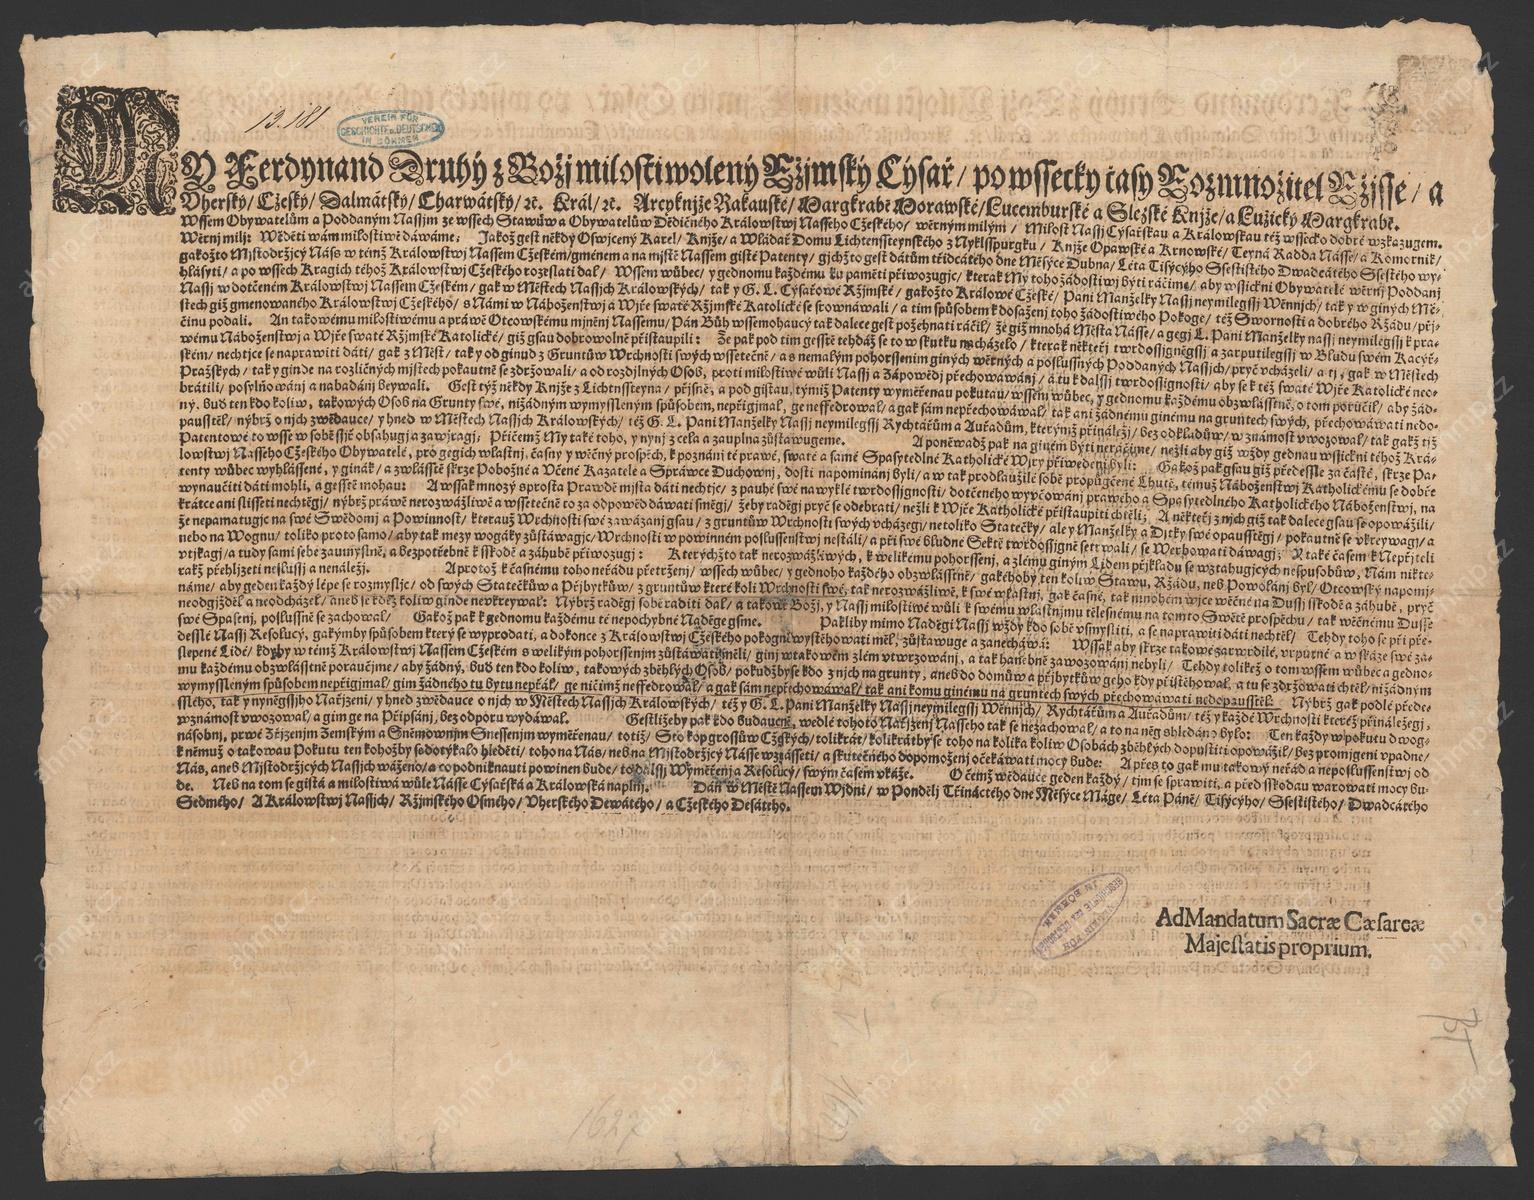 Ferdinand II. nařizuje obyvatelům Českého království, aby se srovnali s katolickou vírou, a pro ty, kteří tak neučiní, ponechává v platnosti předchozí nařízení o odprodeji statků a vystěhování ze země. Současně zakazuje pod přísnými tresty přechovávání osob pro víru zběhlých, 13. 5. 1627, AMP, Sbírka soudobé dokumentace do roku 1989, inv. č. 42